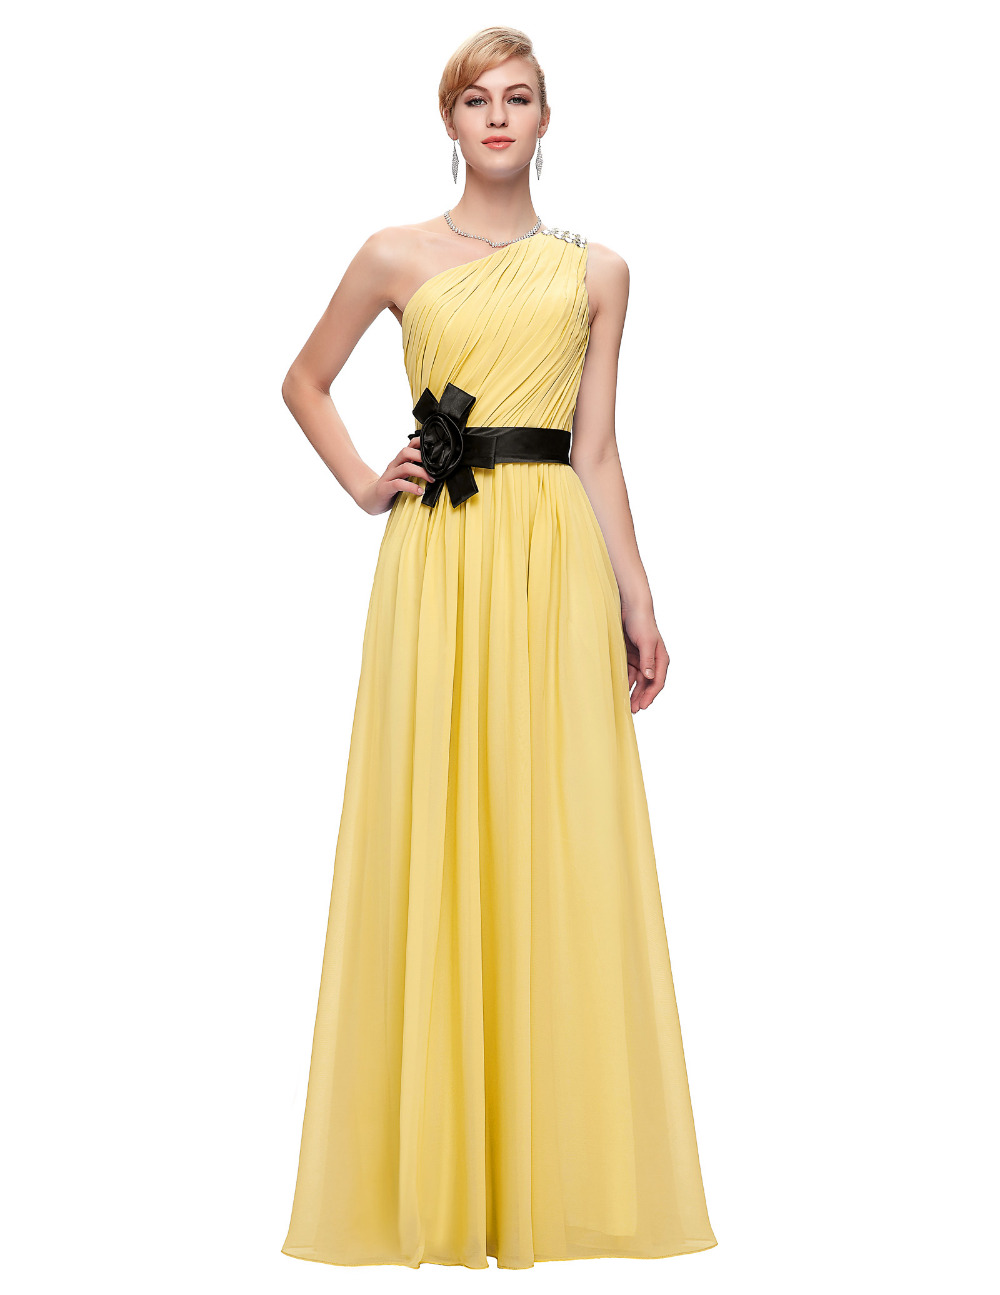 Nett Gelbe Kleider Für Die Hochzeit Bilder - Brautkleider Ideen ...